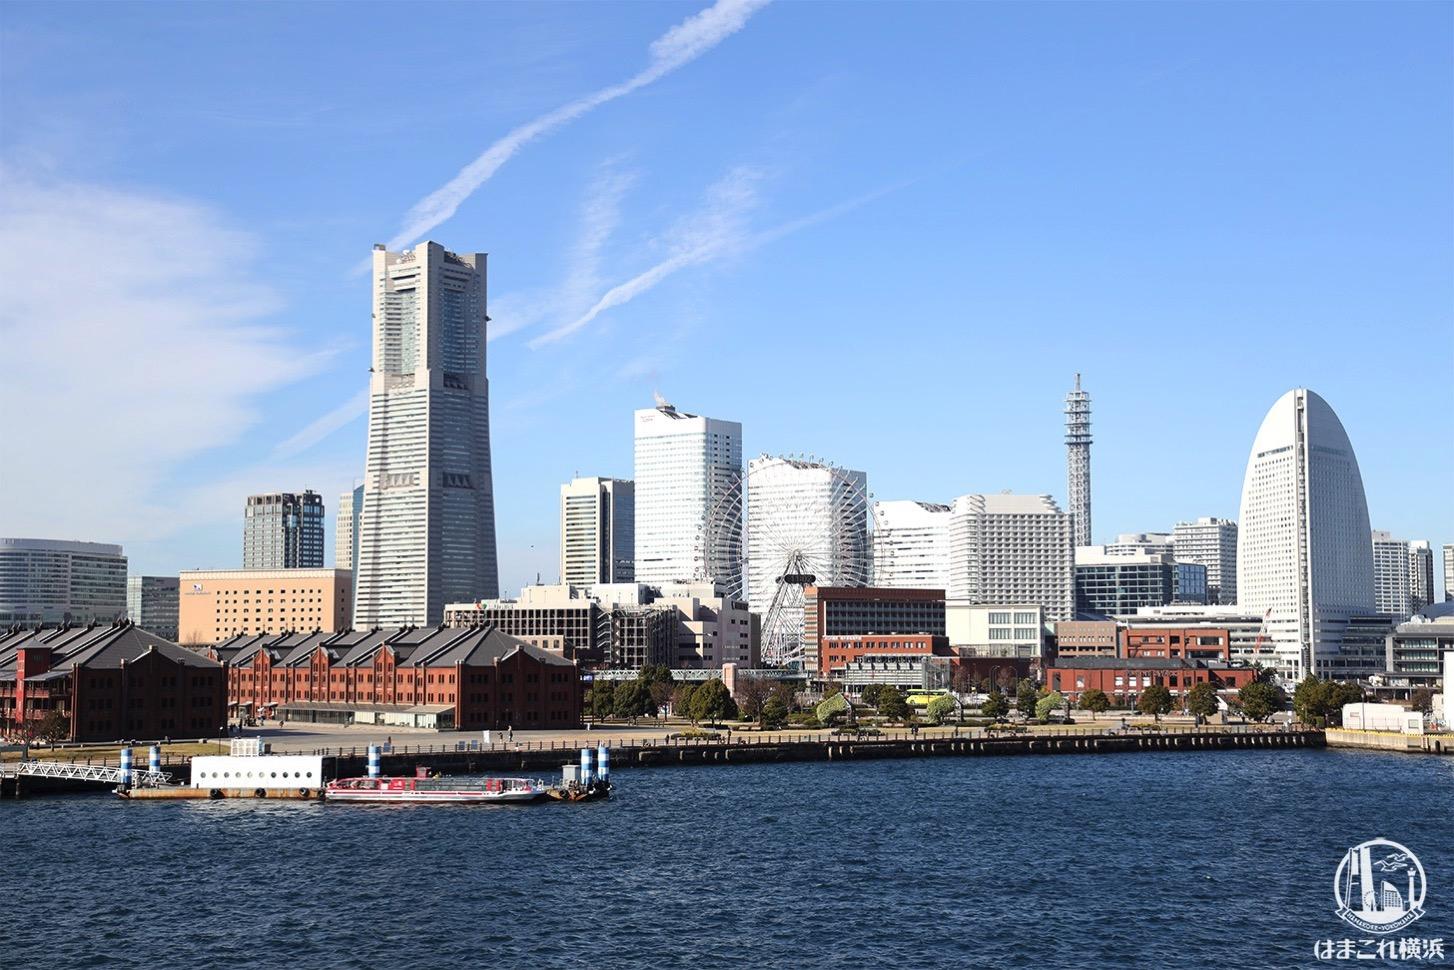 横浜港大さん橋国際客船ターミナルから見たみなとみらいの景色